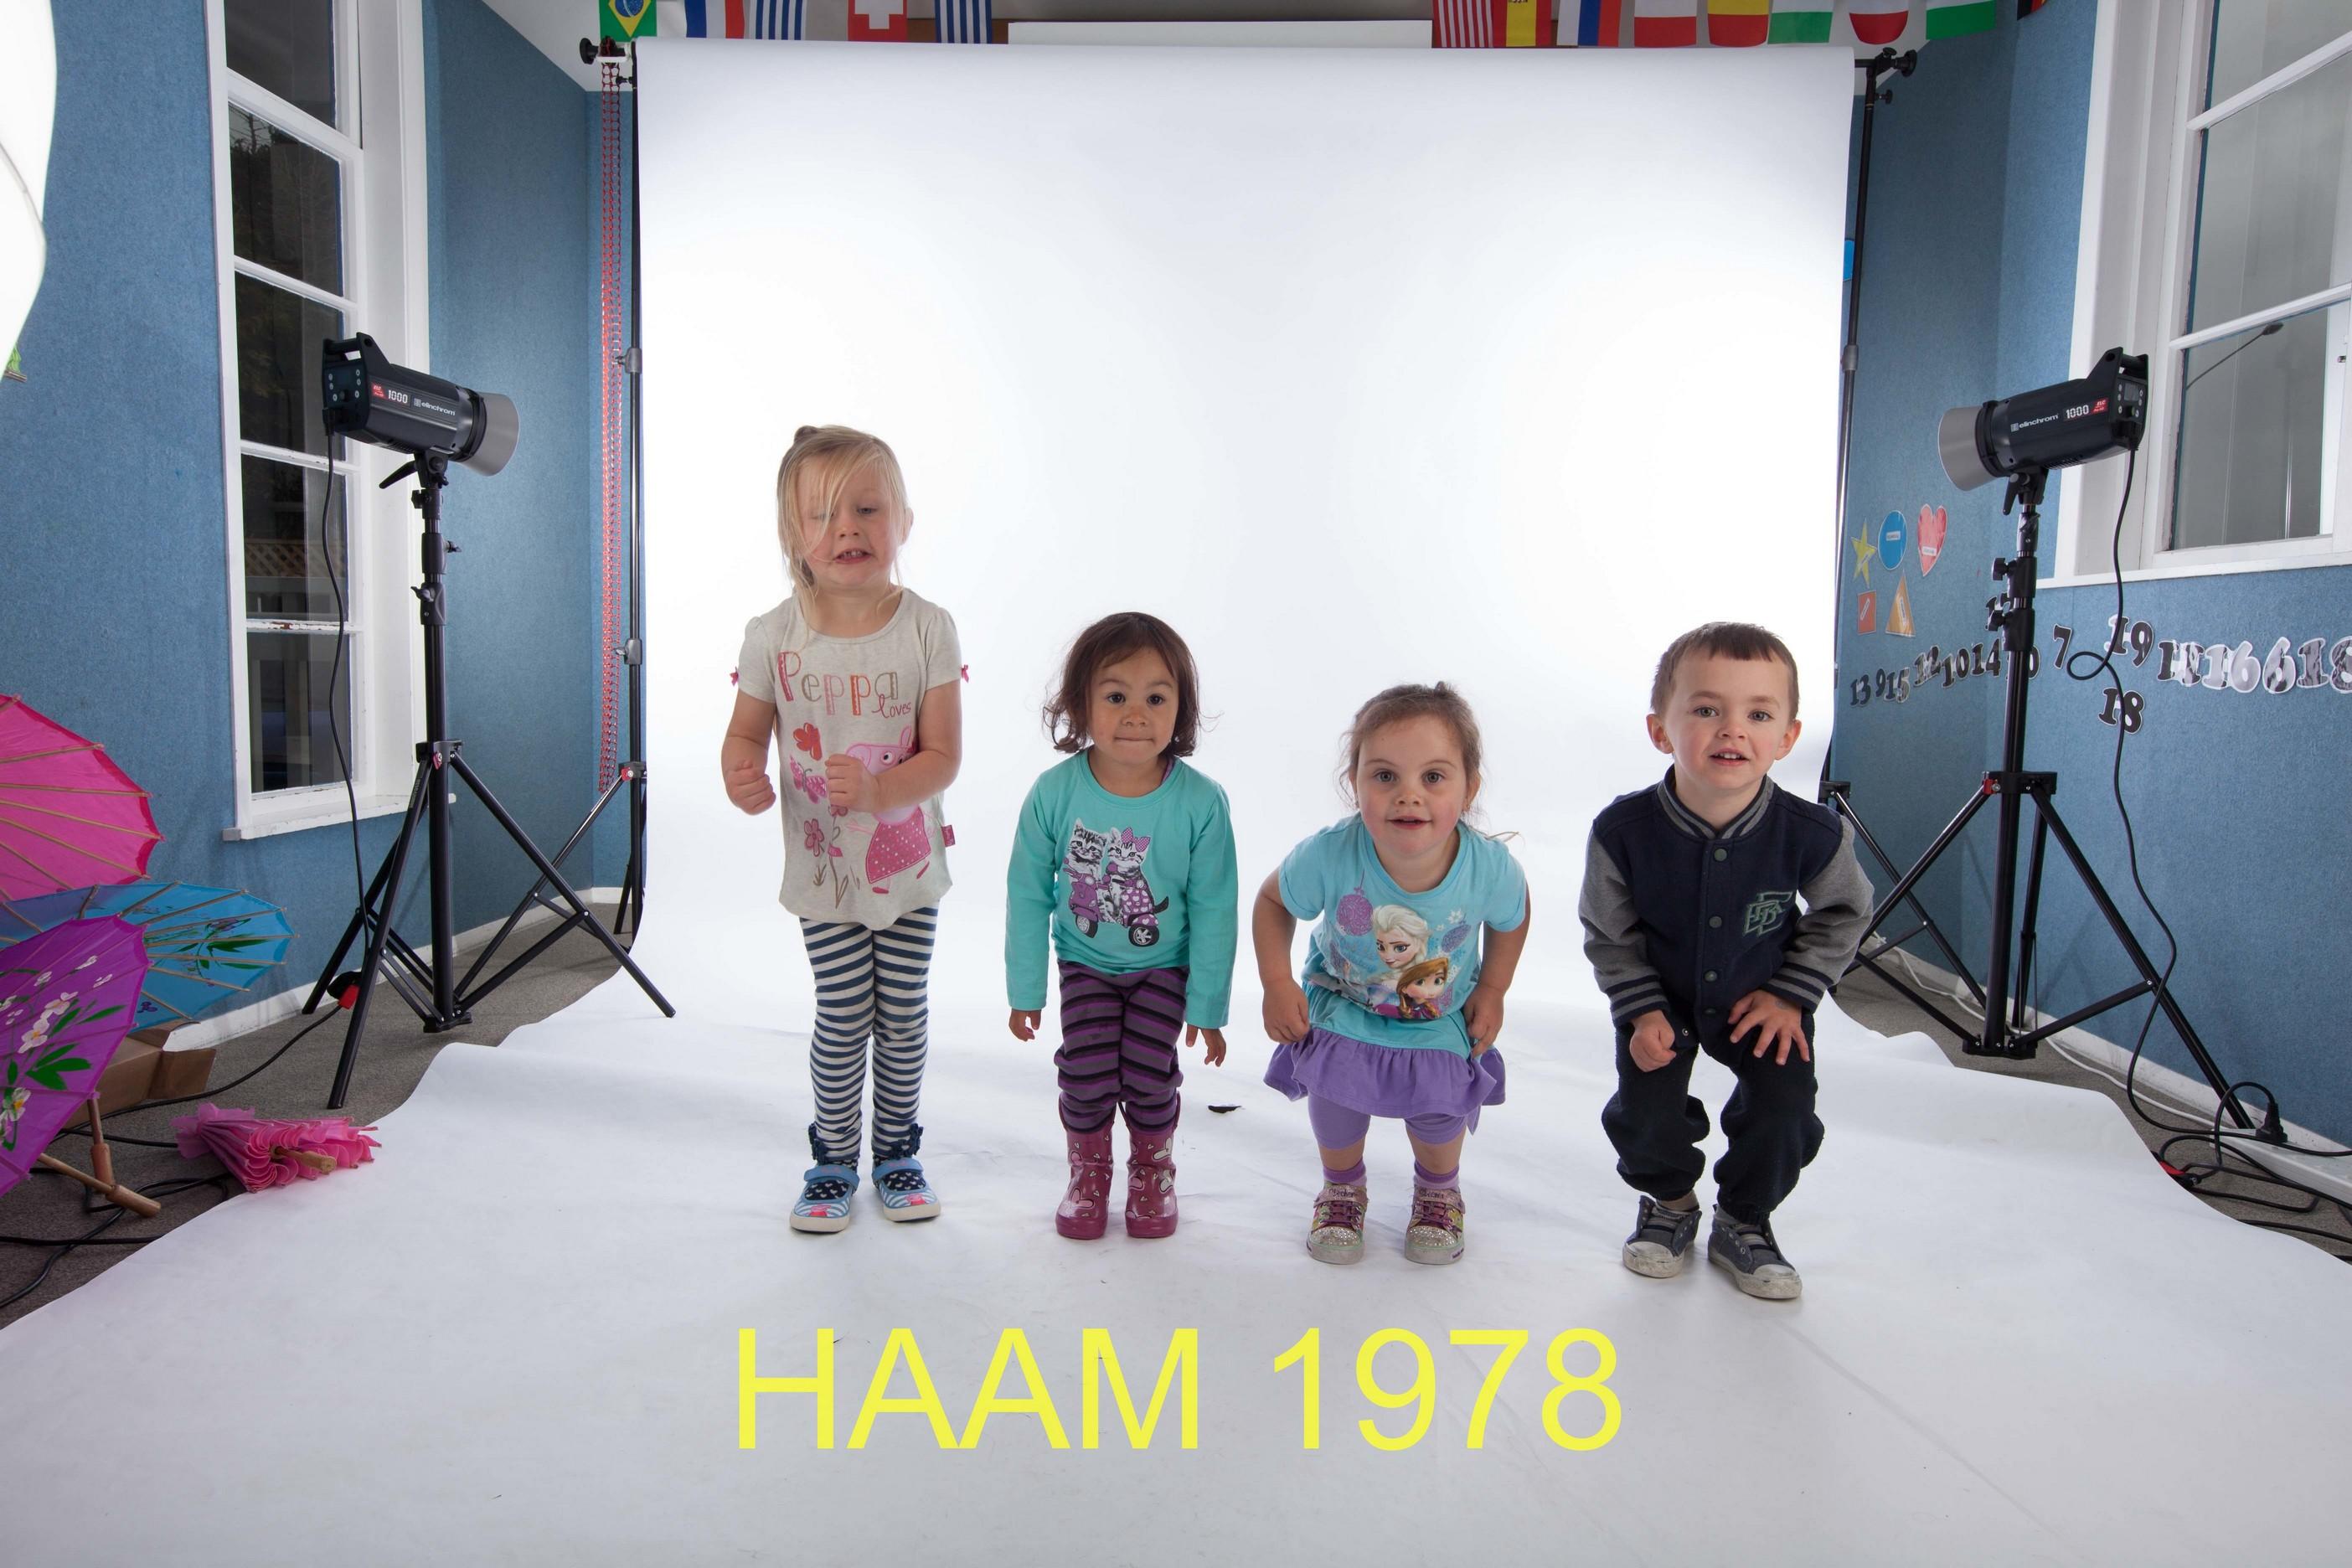 HAAM 1978